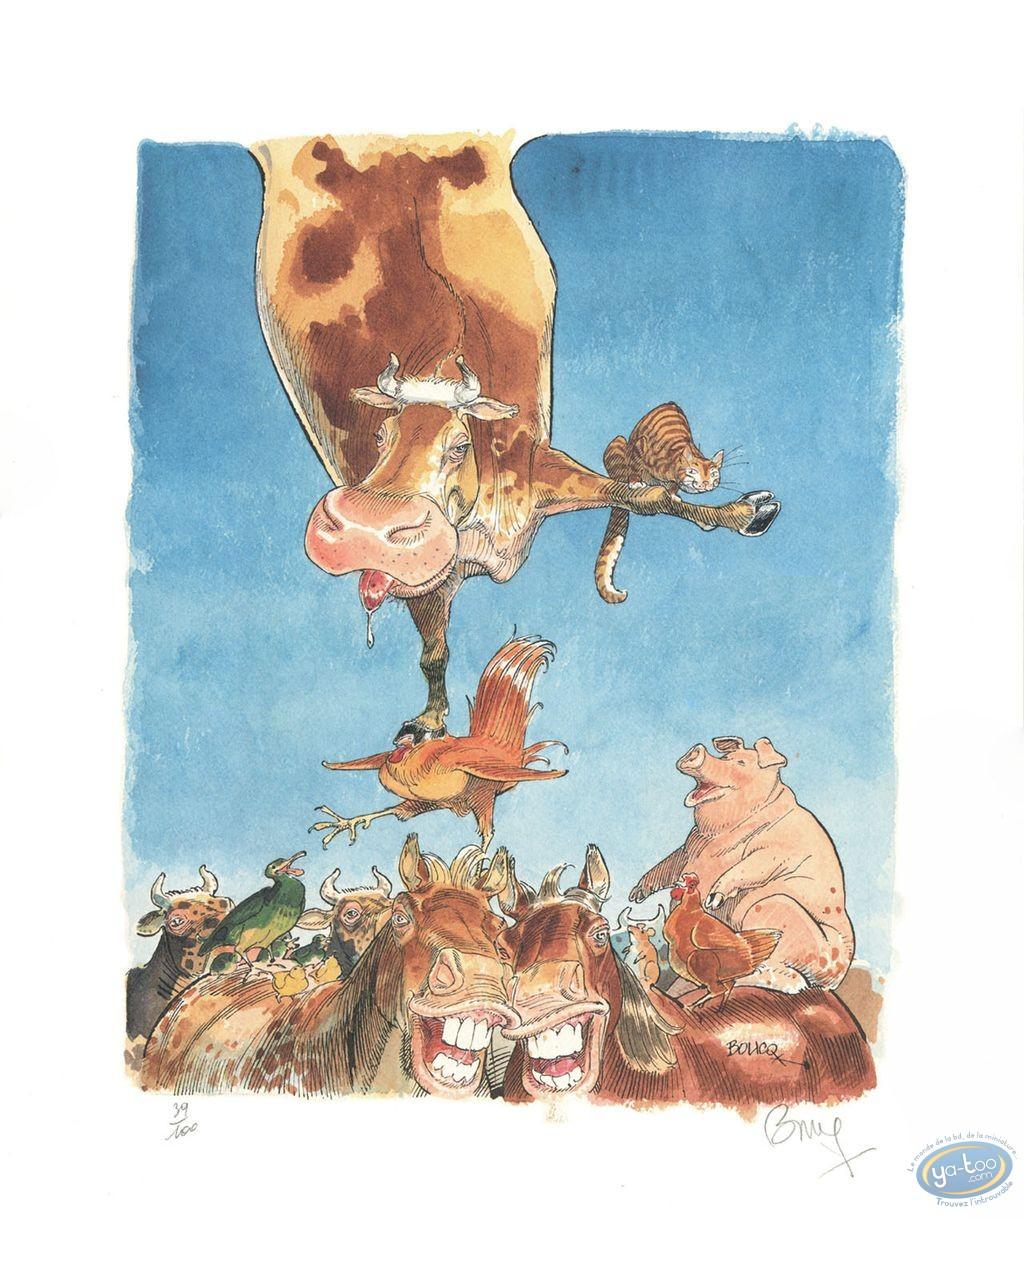 Affiche Offset, Jérome Moucherot : Vache funambule